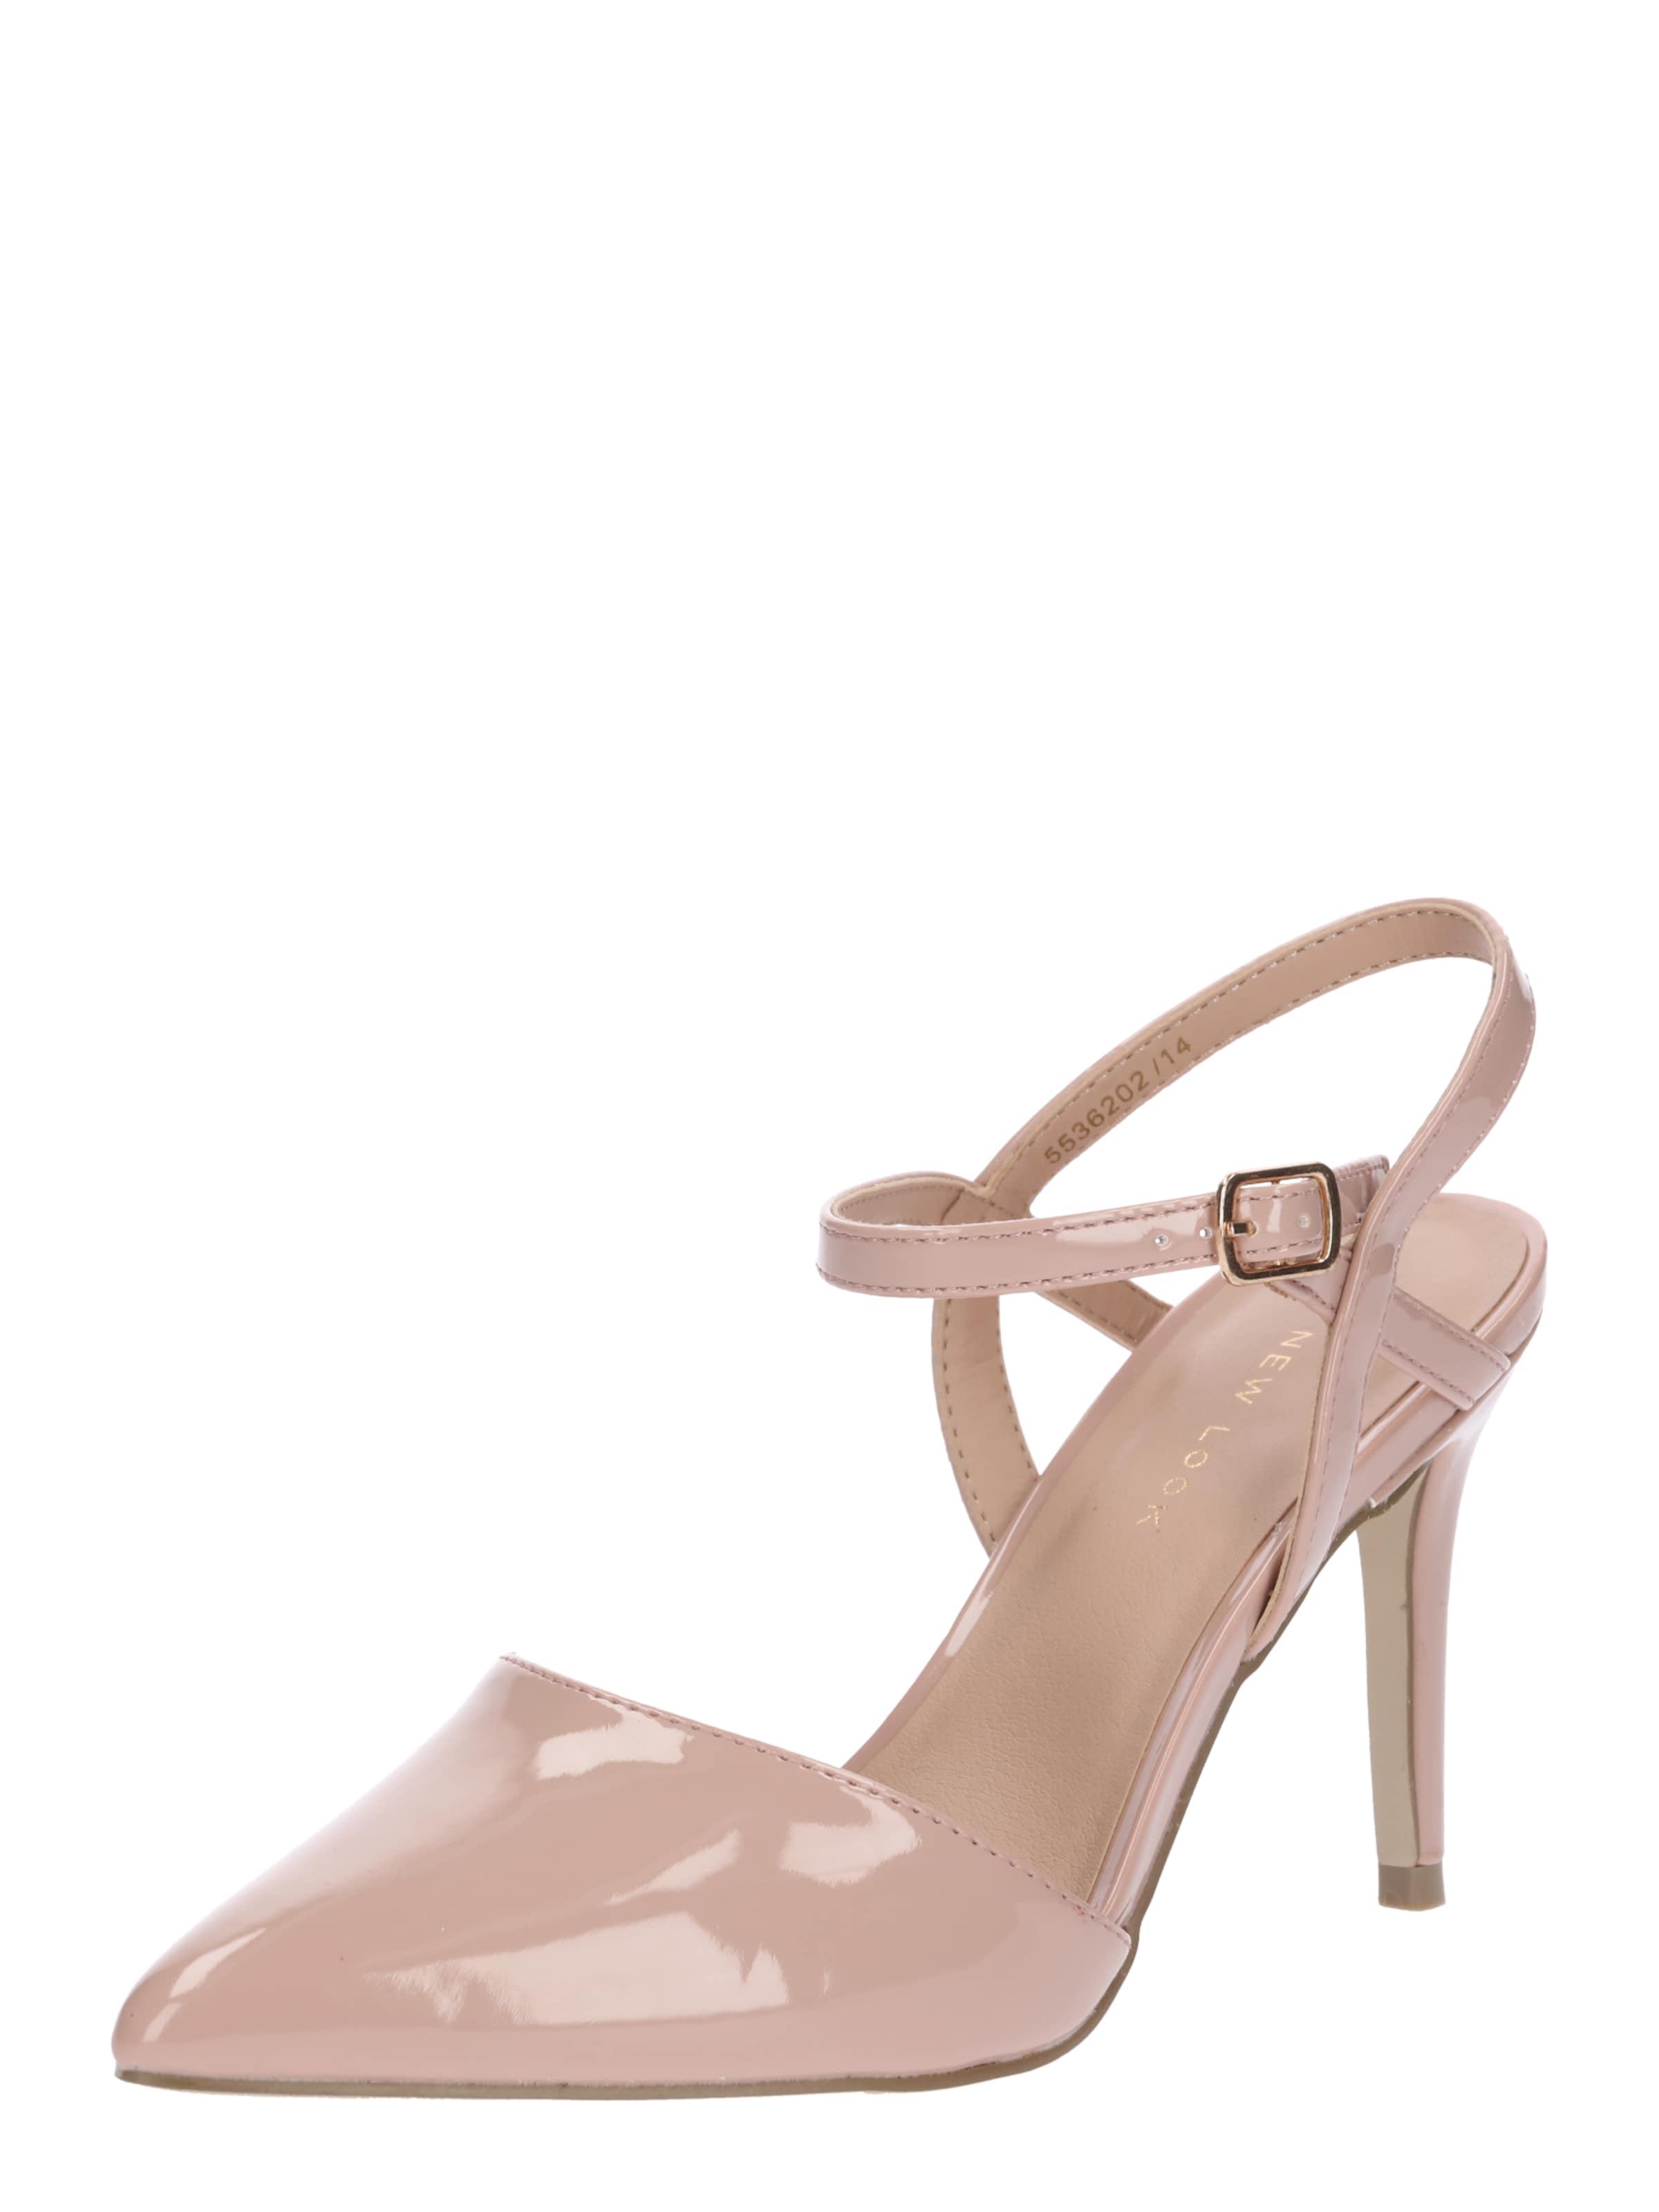 Haltbare Mode billige Schuhe NEW LOOK | Pumps Schuhe Gut getragene Schuhe